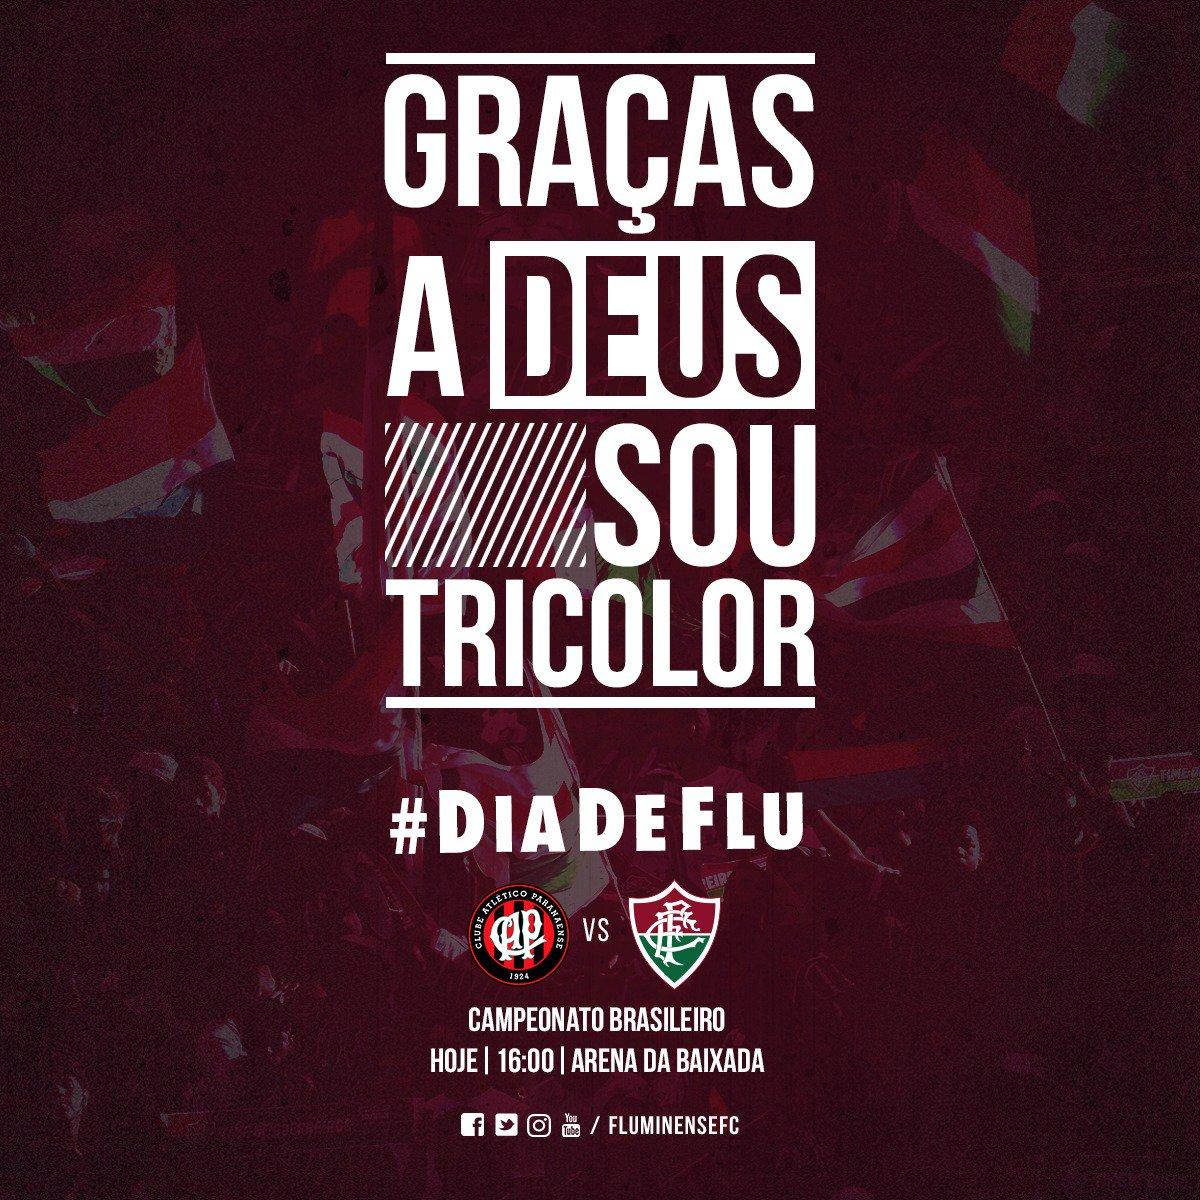 'Vamos Fluzão, vamos ganhar 🎶' Hoje é dia de buscar mais uma vitória fora de casa no Brasileirão. Hoje é #DiaDeFlu! 🇮🇹🇭🇺